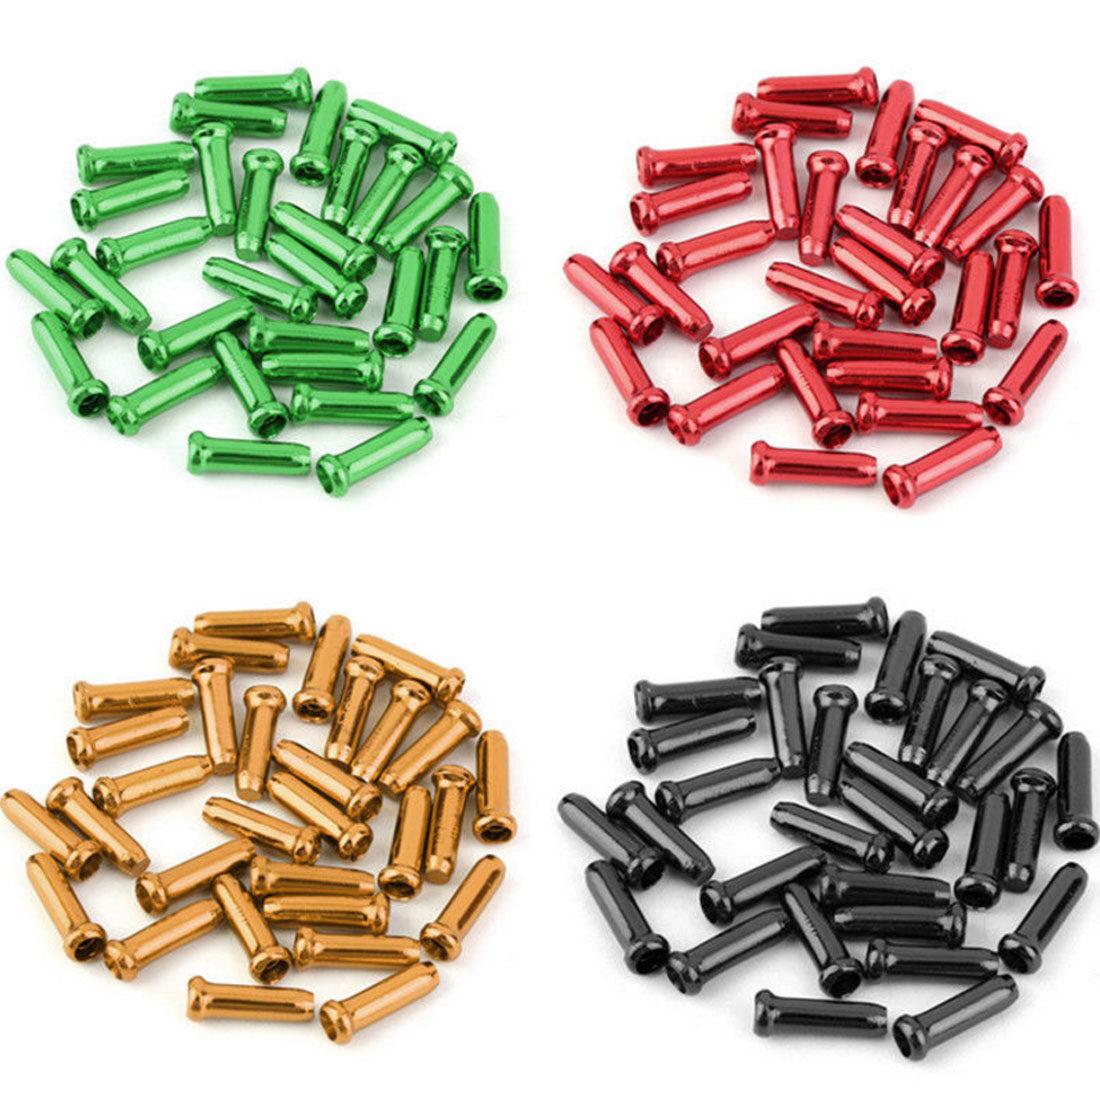 Seksi Jual 10 Pcs Aluminium Paduan Sepeda Sepeda Rem Kabel Tips Crimps Sepeda Derailleur Shift Akhir Topi Inti-Internasional